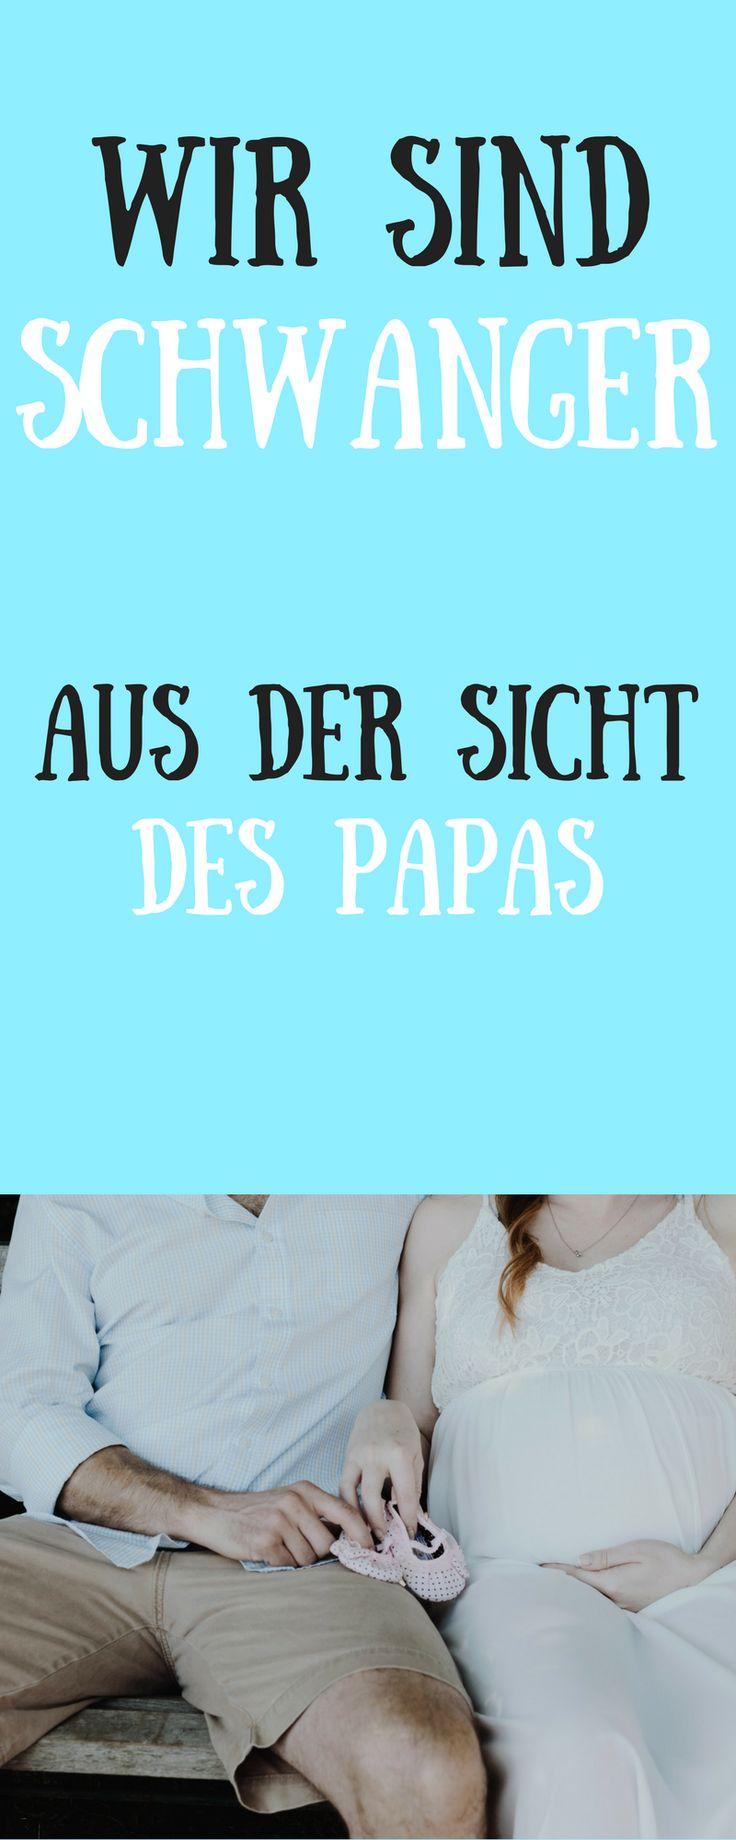 Vater werden, Schwanger sein, das sollten werdene Väter über die Schwangerschaft wissen, . Papa werden, Vater werden, Schwangerschaft, Vaterschaft, Eltern werden, Erziehung, Attachement Parenting, Baby, Rund um das Kind, Kindererziehung, Schwangerschaft verkünden lustig